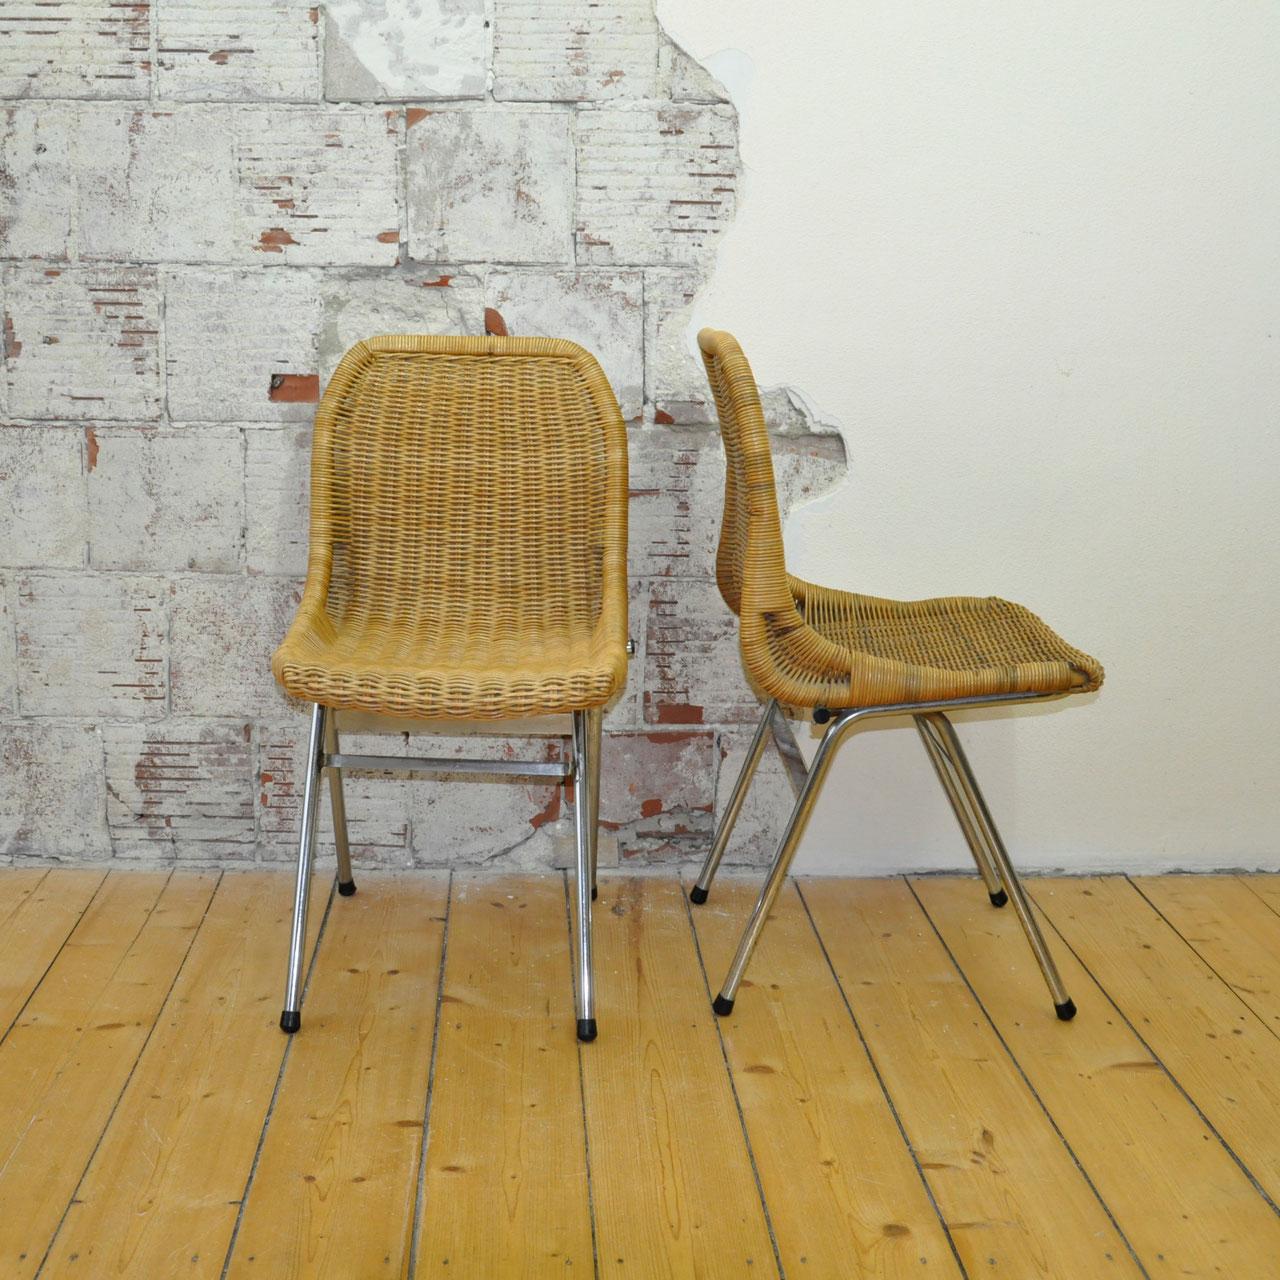 Design Stoelen En Fauteuils.Vintage Stoelen En Fauteuils Uit De 50er Jaren 60er Jaren En 70er Jaren